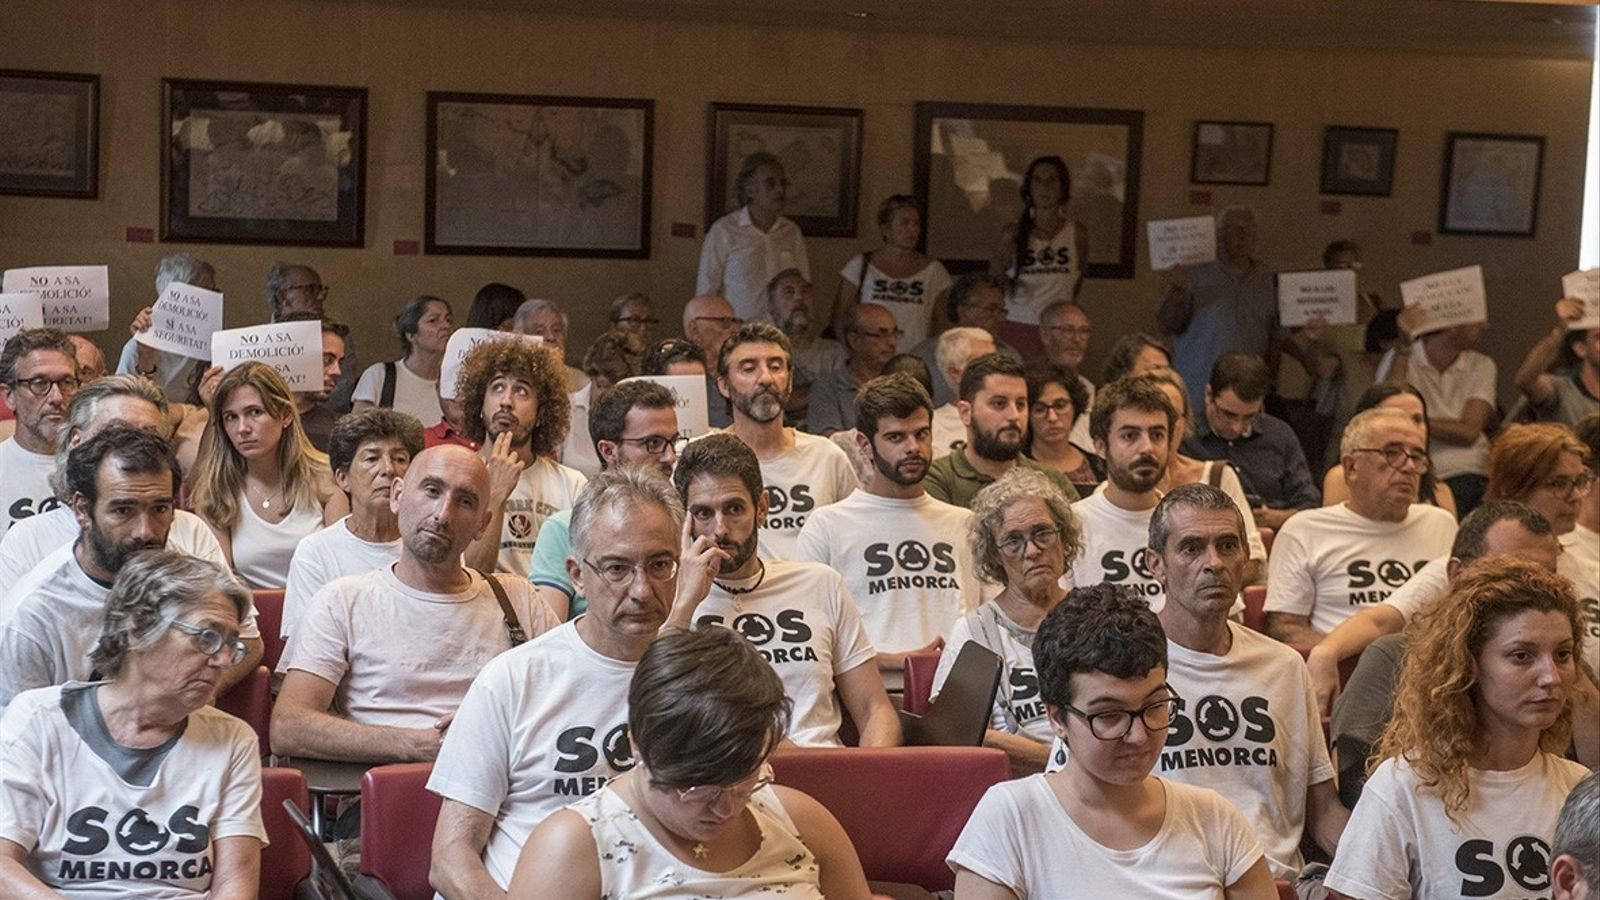 El saló de plens del Consell Insular s'ha omplert de ciutadans a favor i detractors del projecte exposat per l'equip de govern.